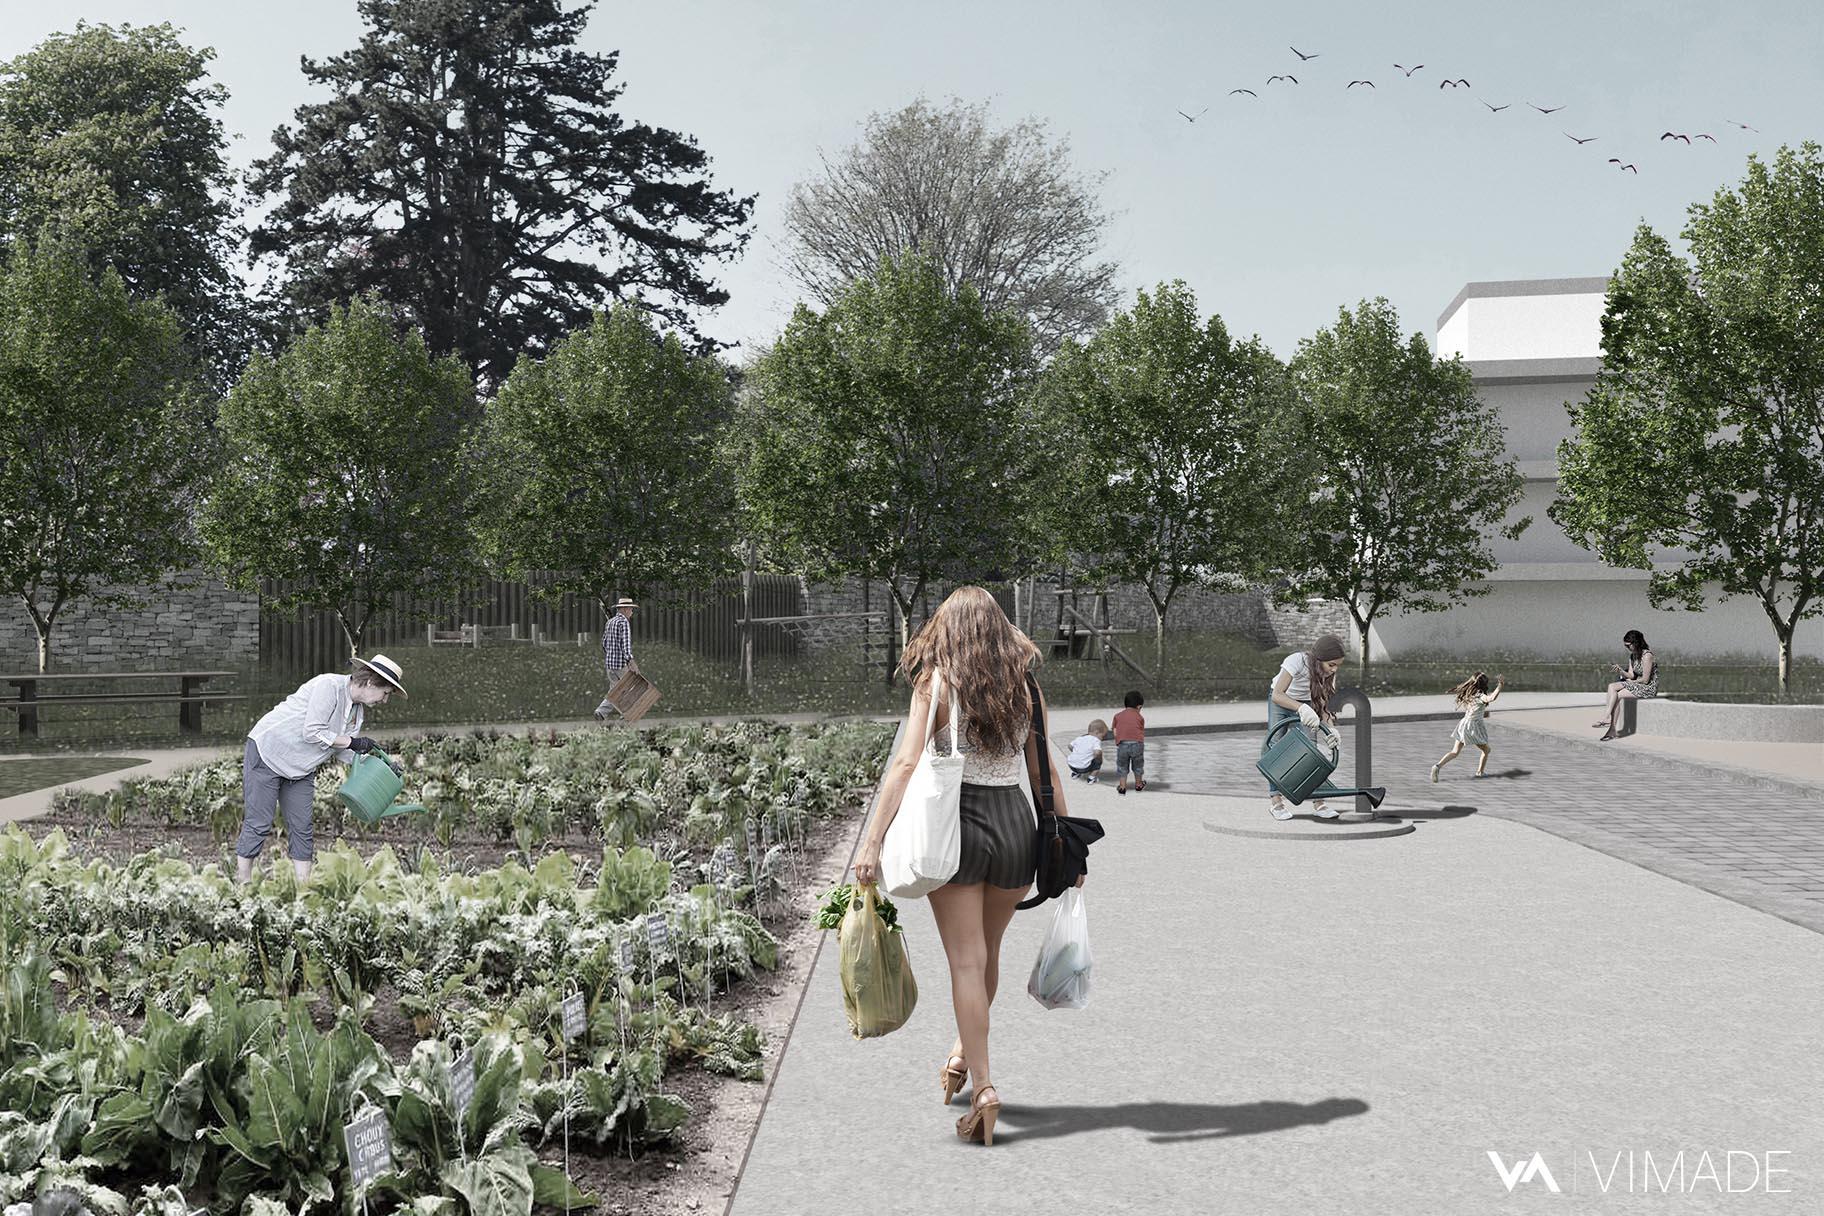 Concours d'aménagement paysager pour l'écoquartier La possession à Corcelles-Cormondrèche avec potagers urbains partagés par le bureau VIMADE Architectes paysagistes